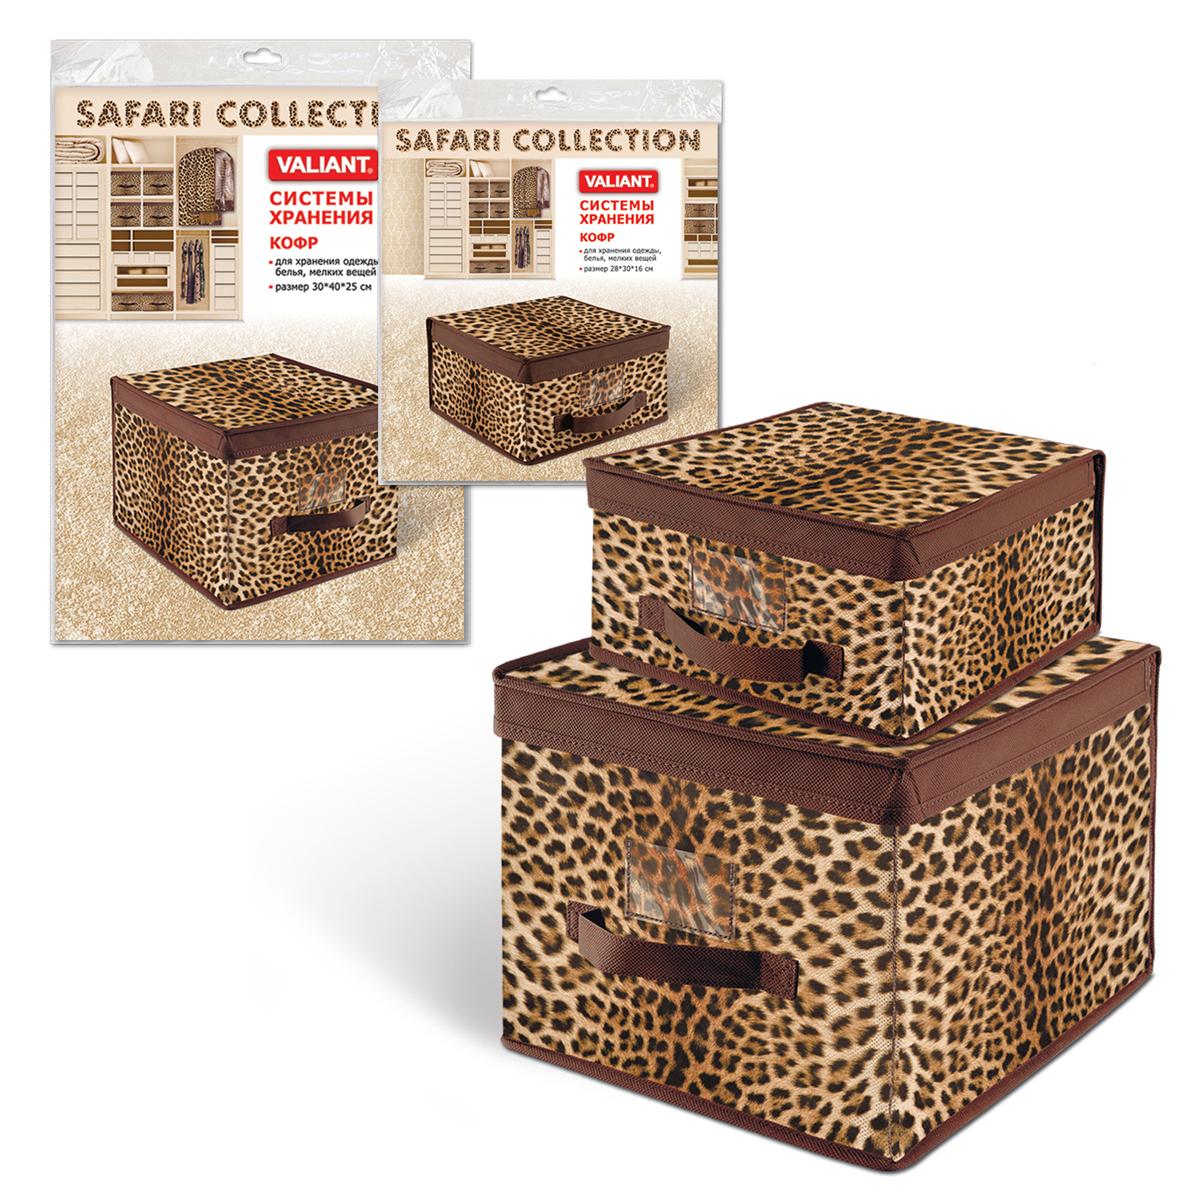 Набор кофров для хранения Valiant Леопард, 2 штLB301/LB303Набор Valiant Леопард, изготовленный из высококачественного нетканого материала, состоит из 2 кофров для хранения разного размера. Материал изделий позволяет сохранять естественную вентиляцию, а воздуху свободно проникать внутрь, не пропуская пыль. Благодаря специальным вставкам, кофр прекрасно держит форму, а эстетичный дизайн гармонично смотрится в любом интерьере. Мобильность конструкции обеспечивает складывание и раскладывание одним движением. Комплектация: 2 шт. Размер кофров: 30 см х 40 см х 25 см; 28 см х 30 см х 16 см.